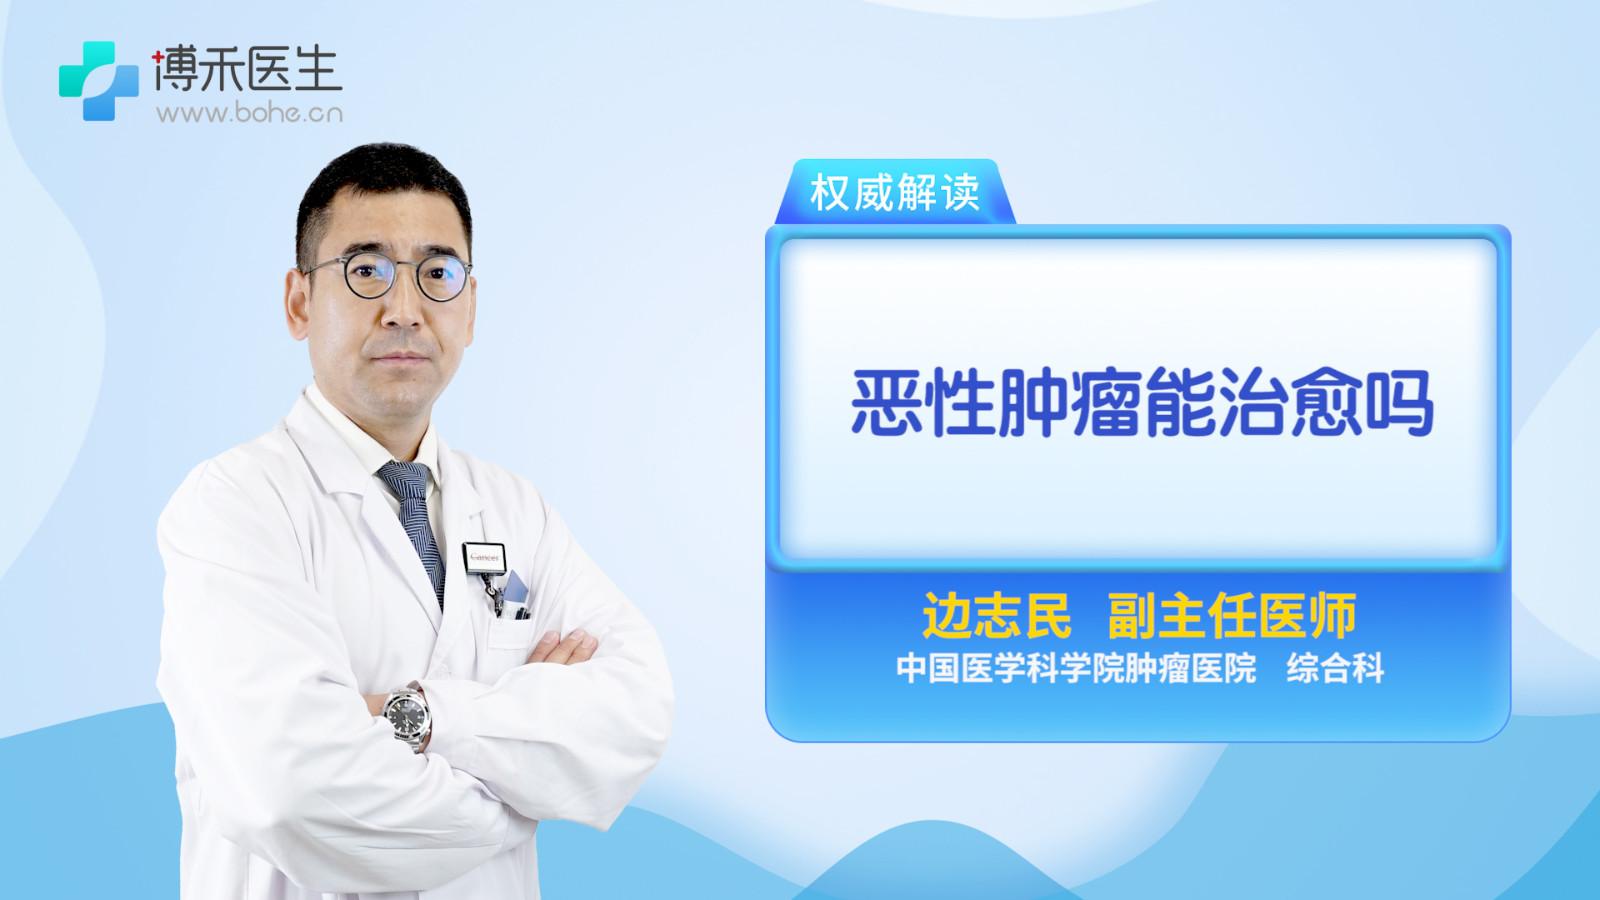 恶性肿瘤能治愈吗